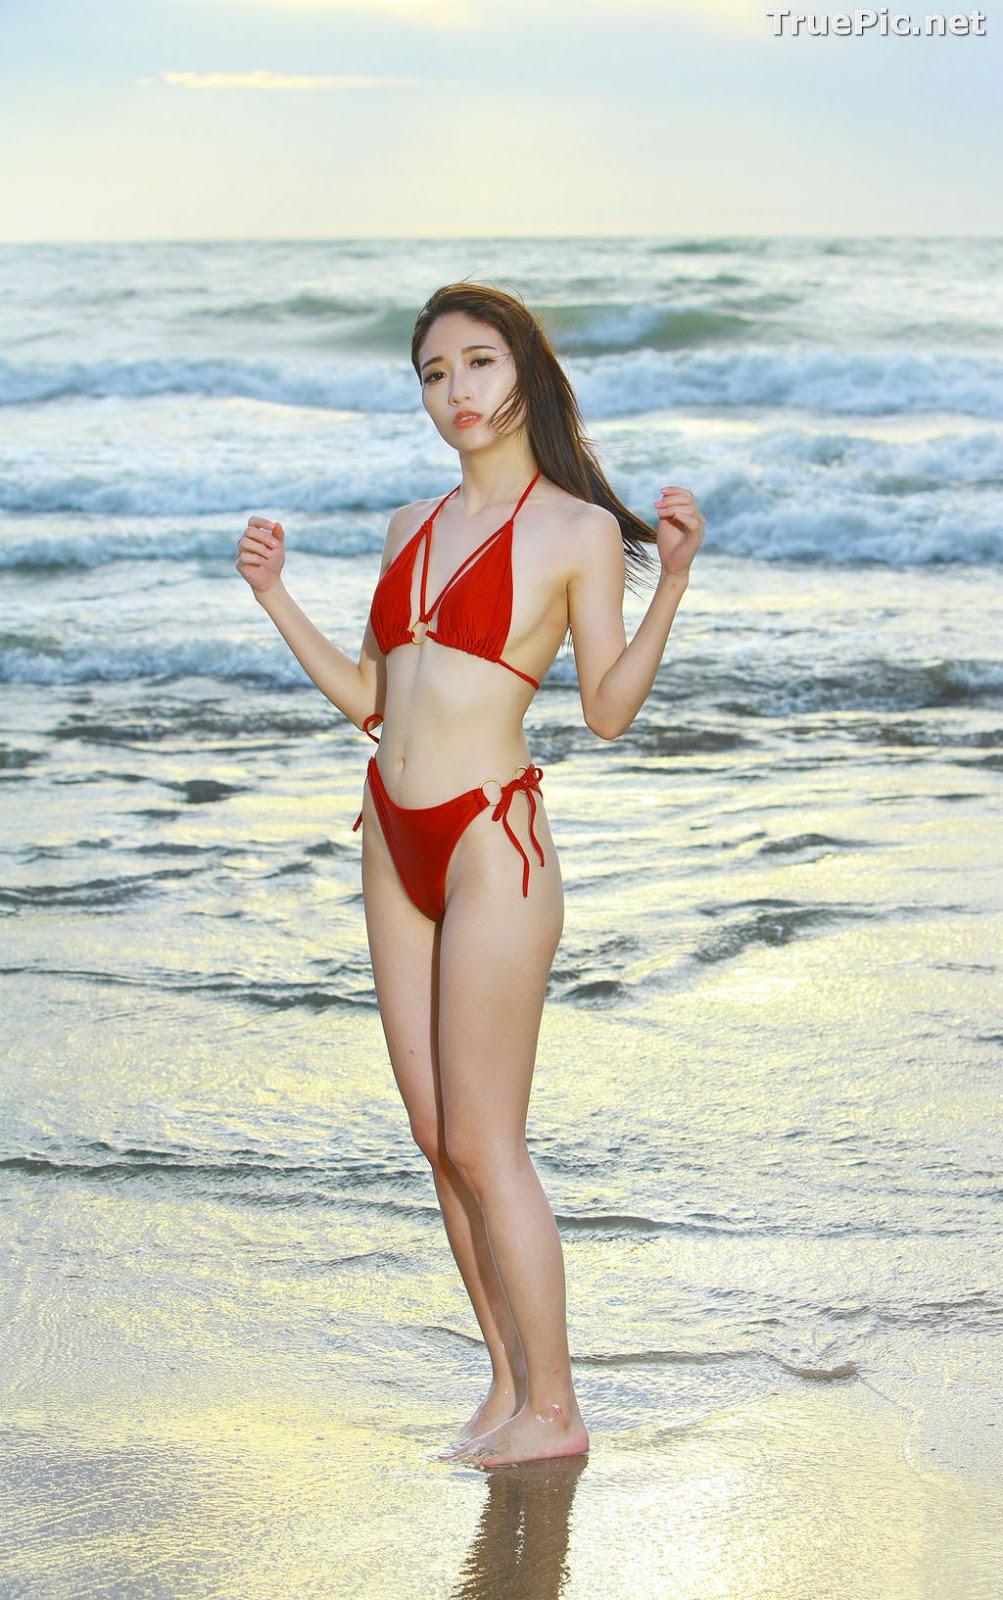 Image Taiwanese Model - Kuma - Beautiful Sexy Bikini Girl Under Sunset - TruePic.net - Picture-2